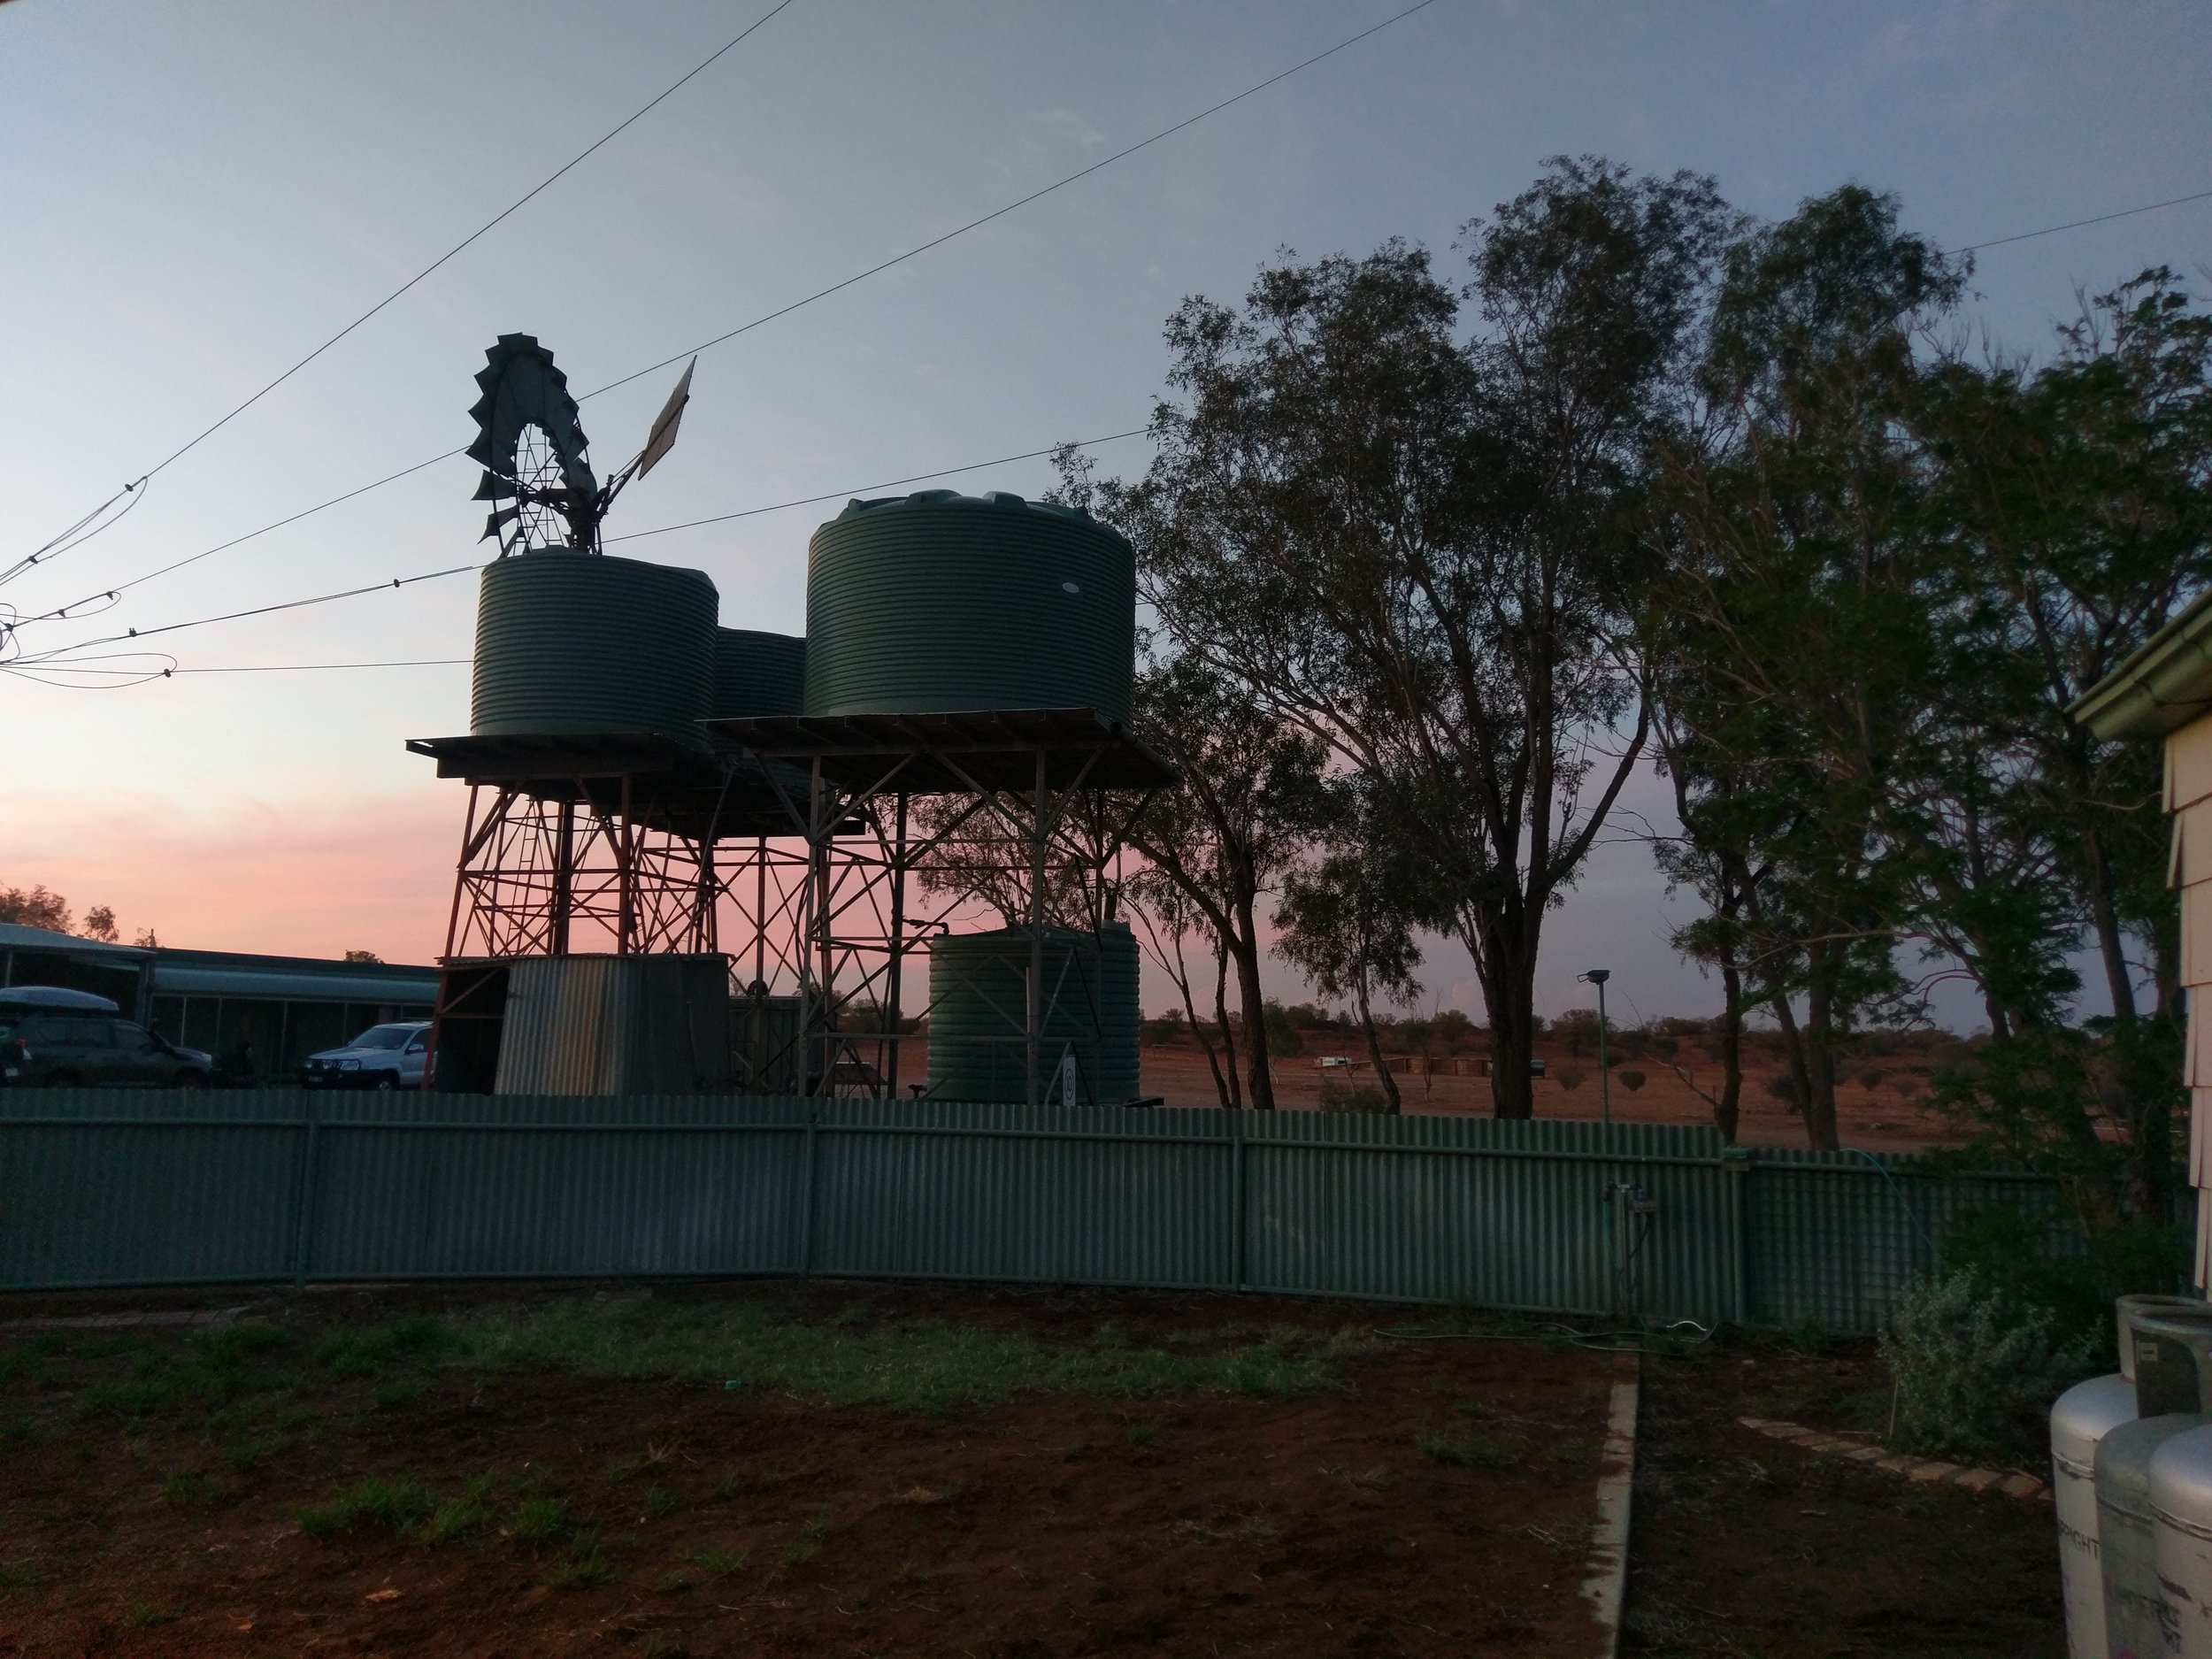 FGR0160 sunset.jpg